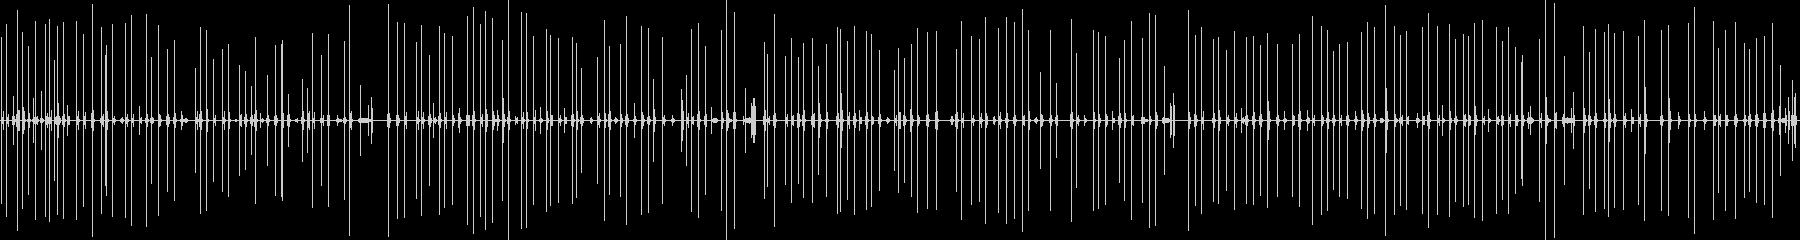 大型アンティークアンダーウッドタイ...の未再生の波形